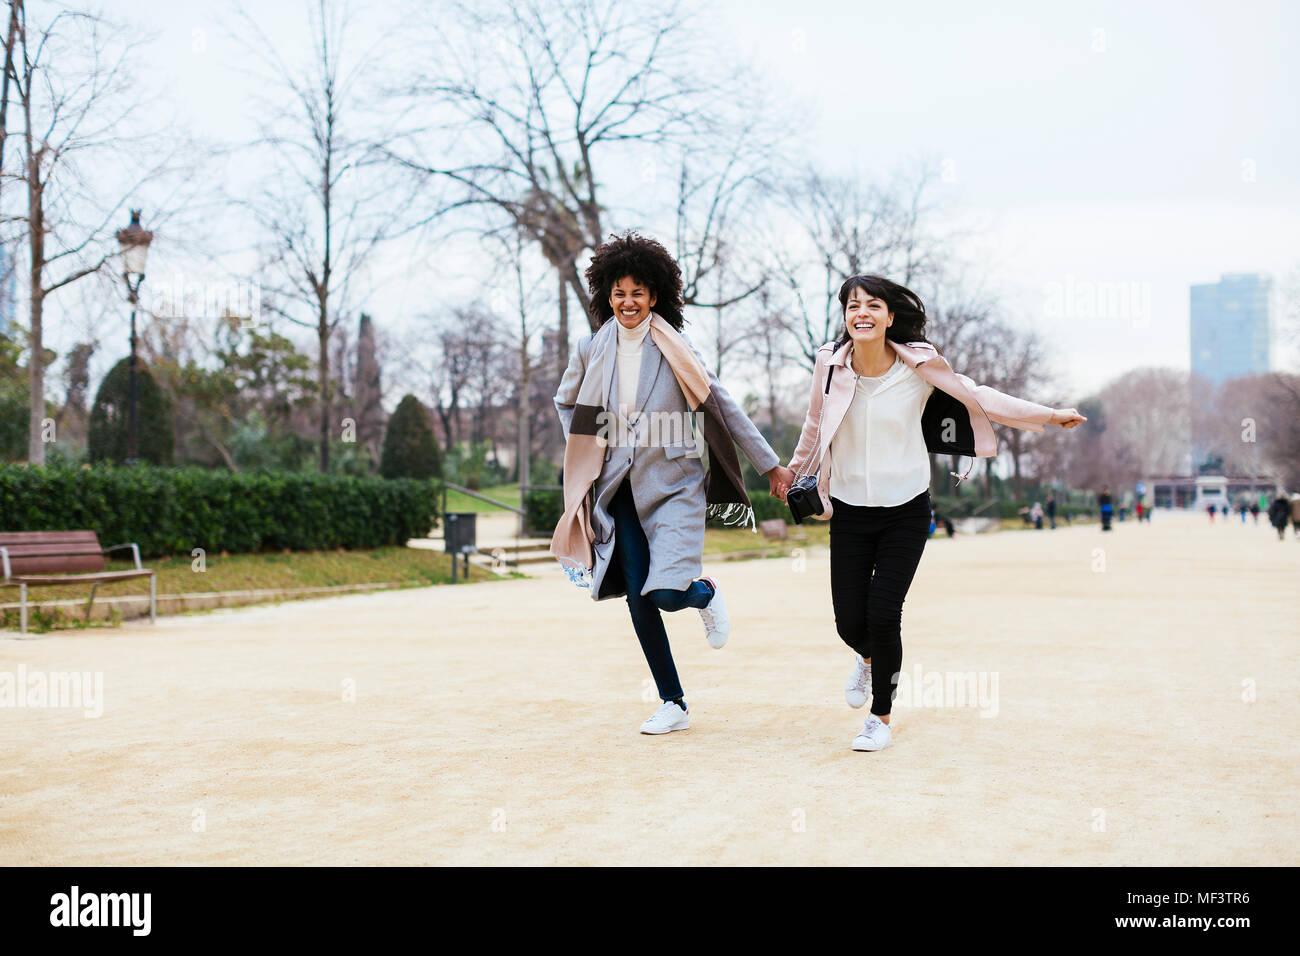 Spagna, Barcellona, due esuberante donne in esecuzione nel parco della città Immagini Stock